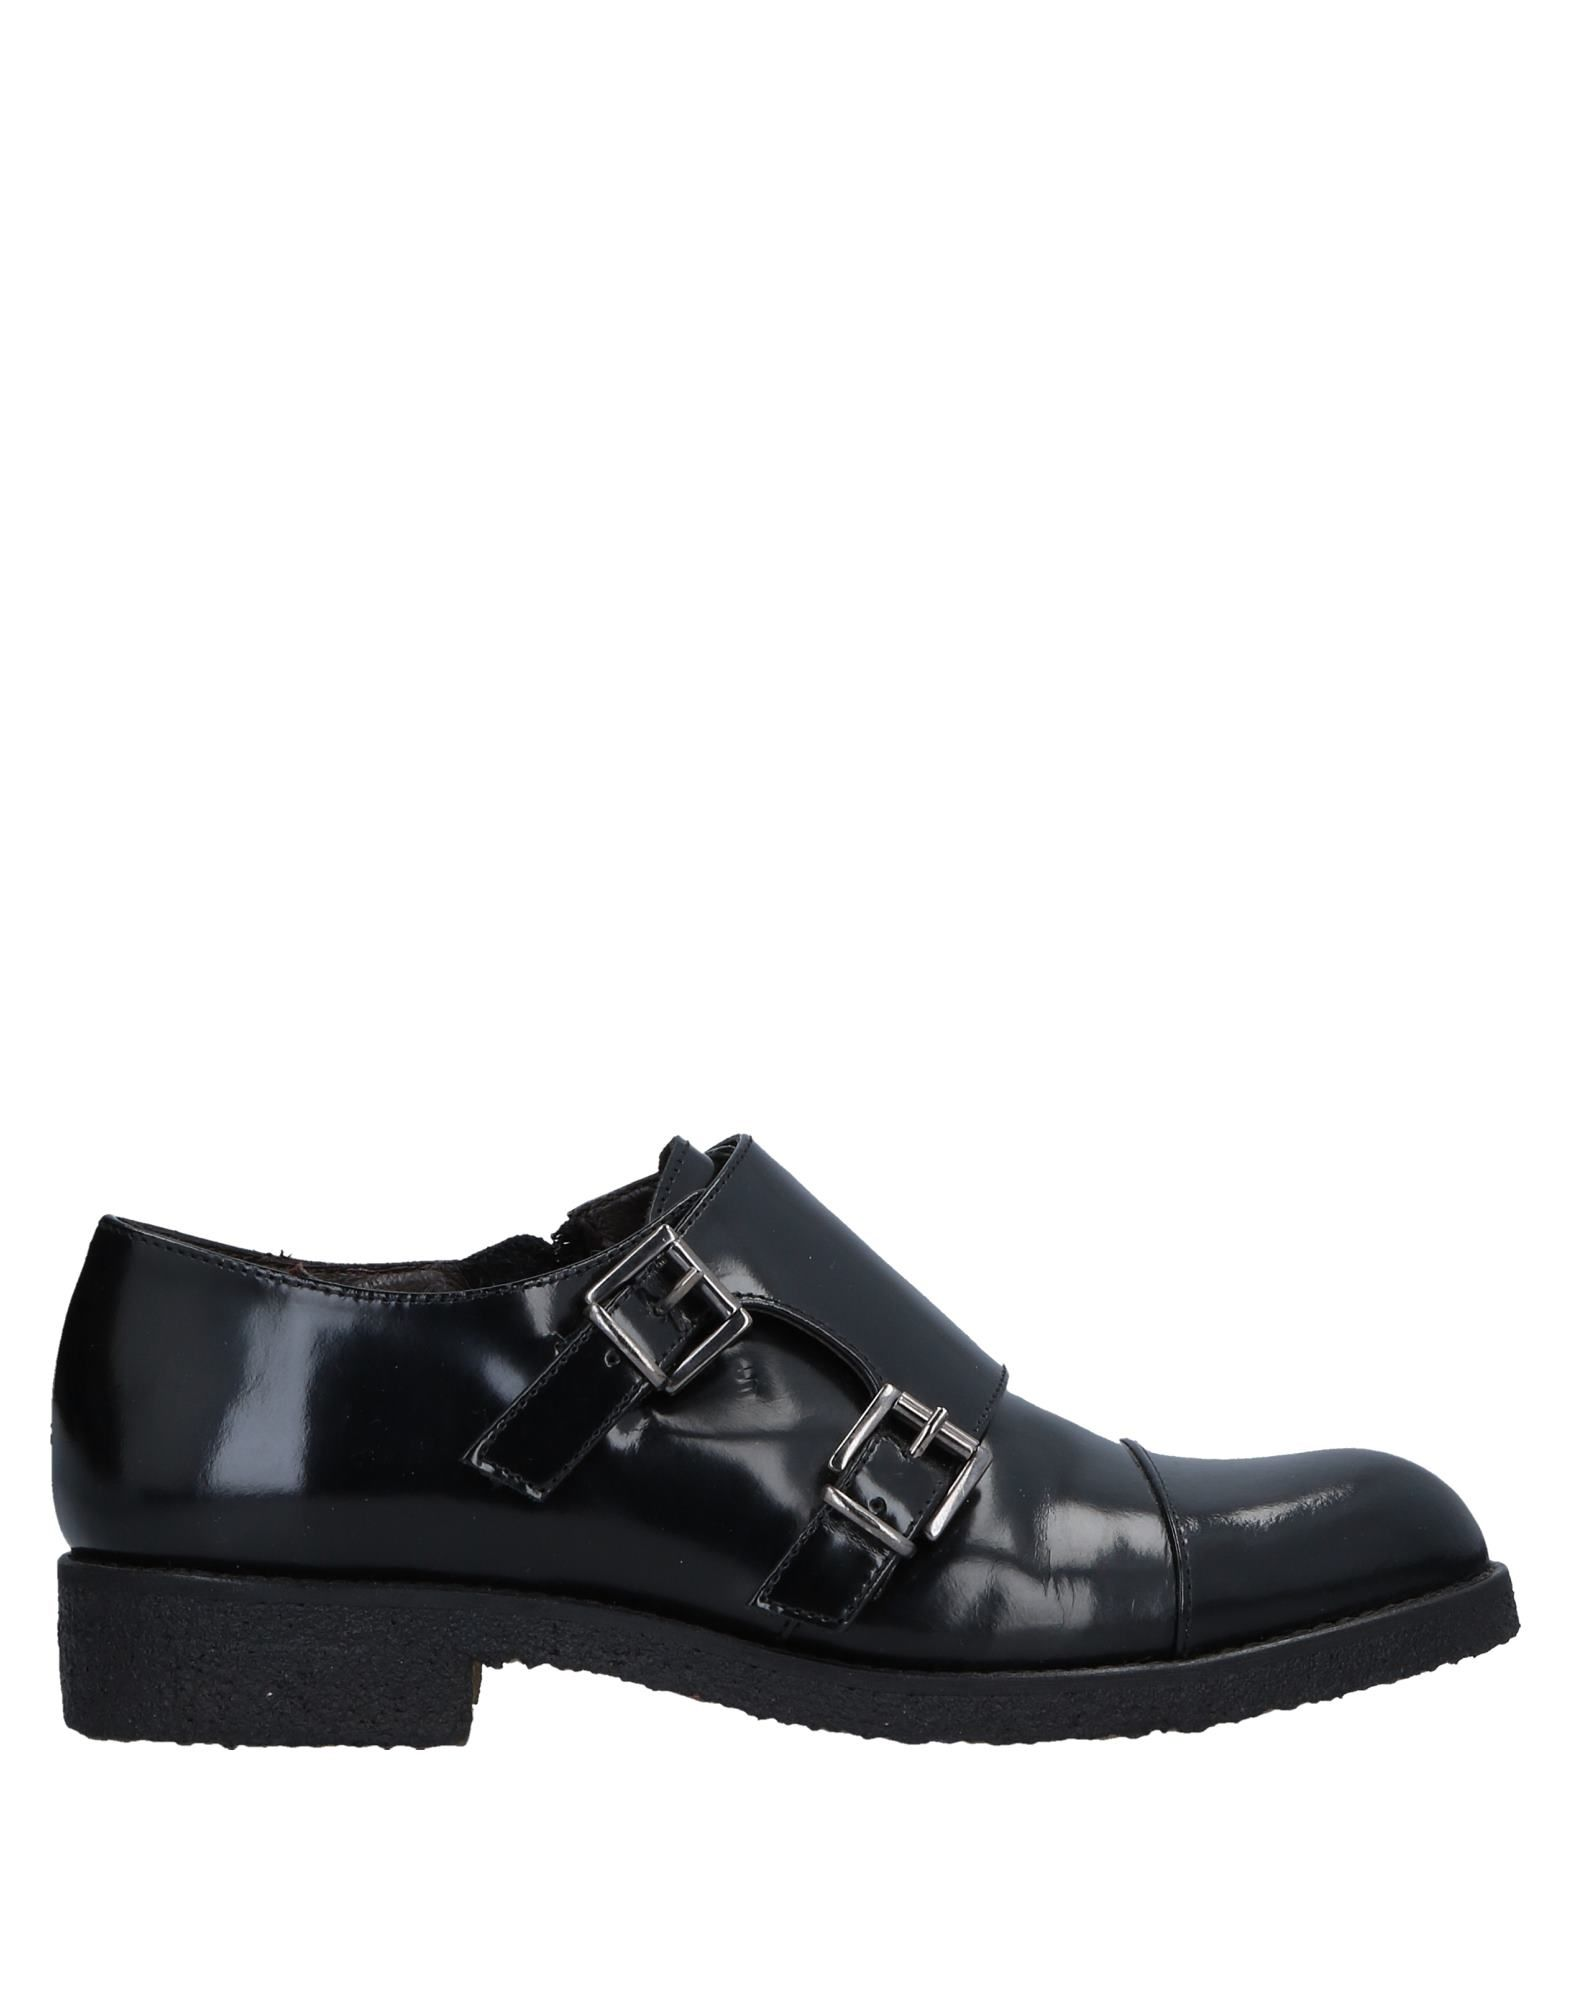 Billi Bi Copenhagen Mokassins Damen  11530427BH Gute Qualität beliebte Schuhe